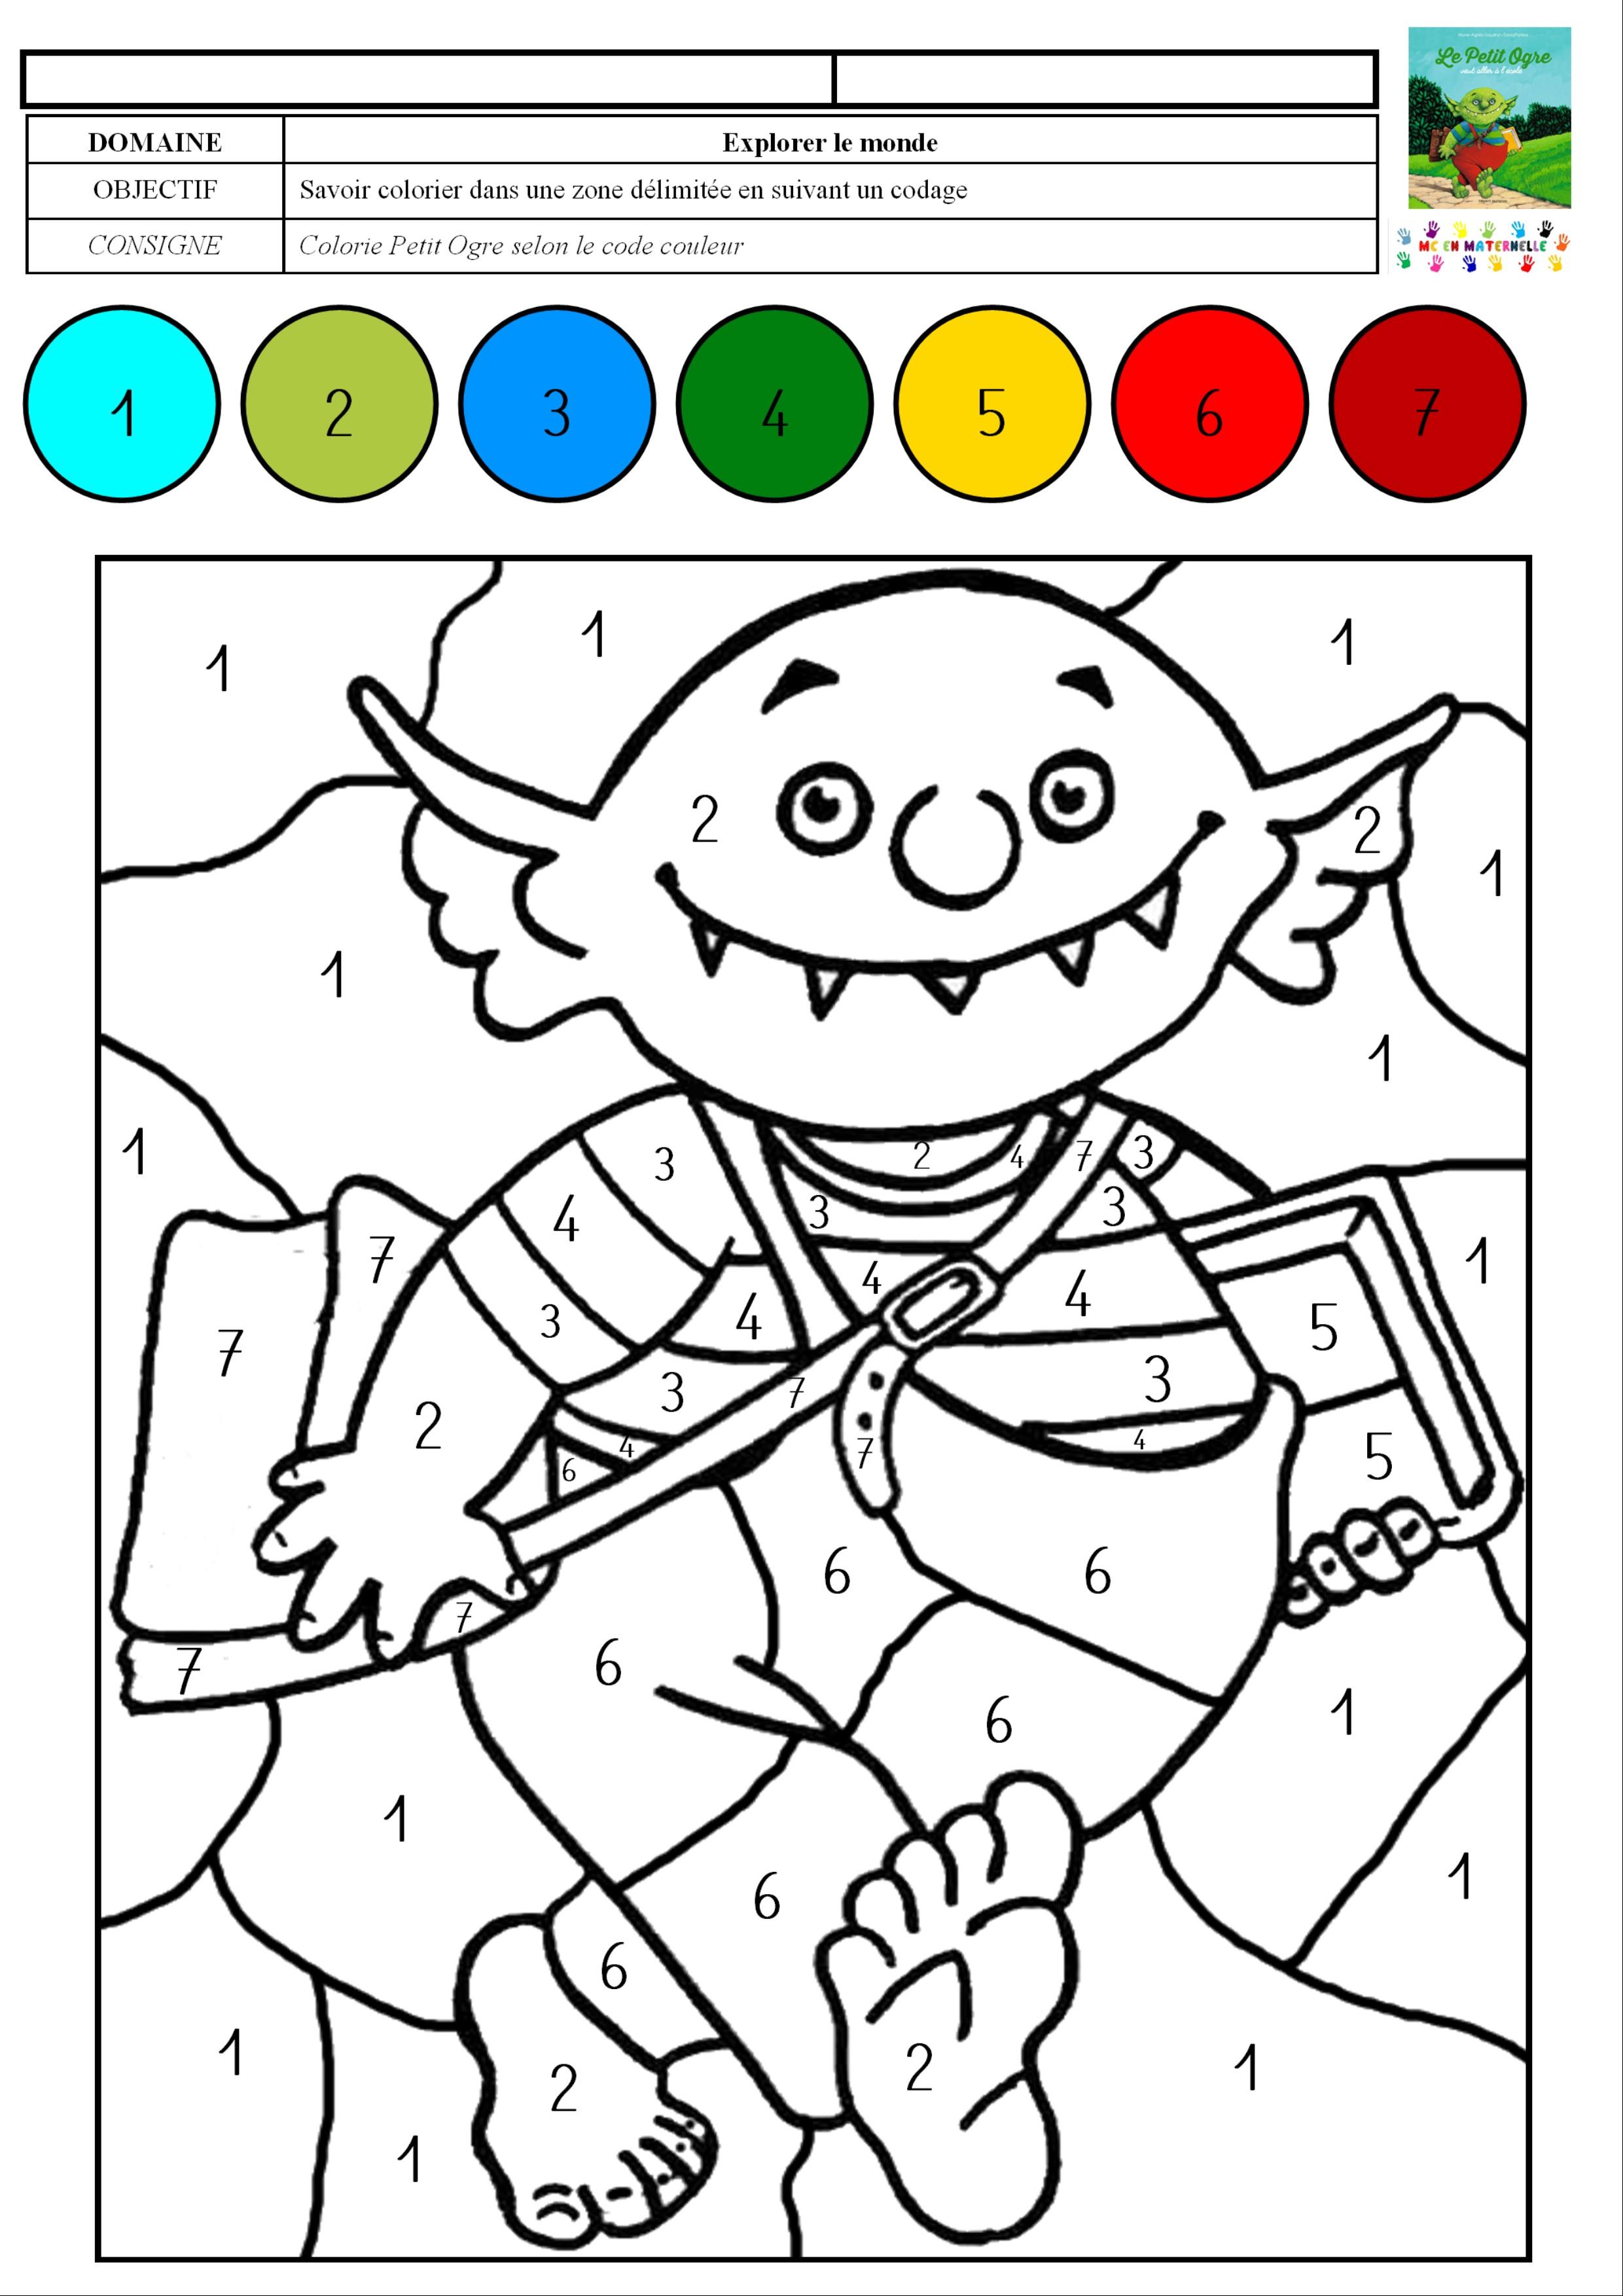 Le petit ogre veut aller l cole coloriage magique - Coloriage magique maternelle ms ...